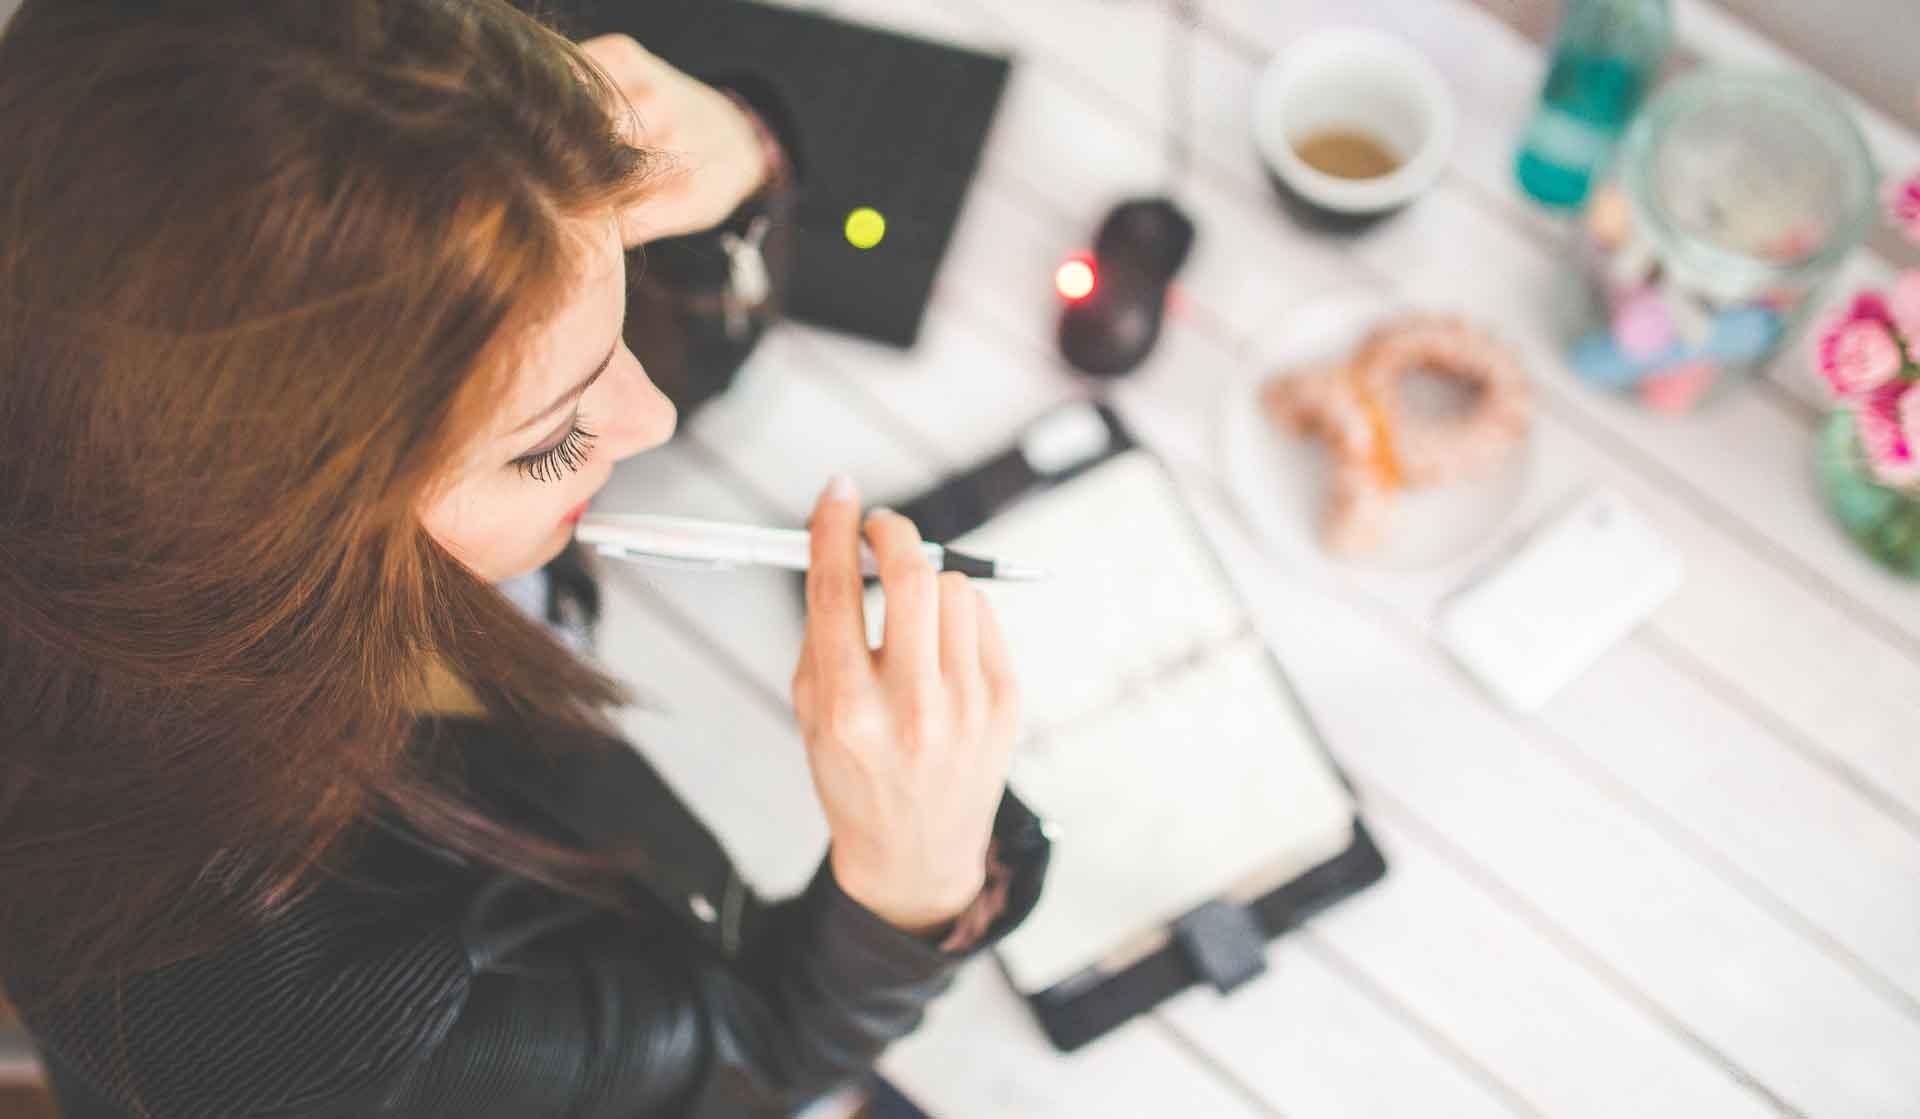 6 vấn đề sinh viên thường phải đối mặt trong trường đại học - Ảnh 1.